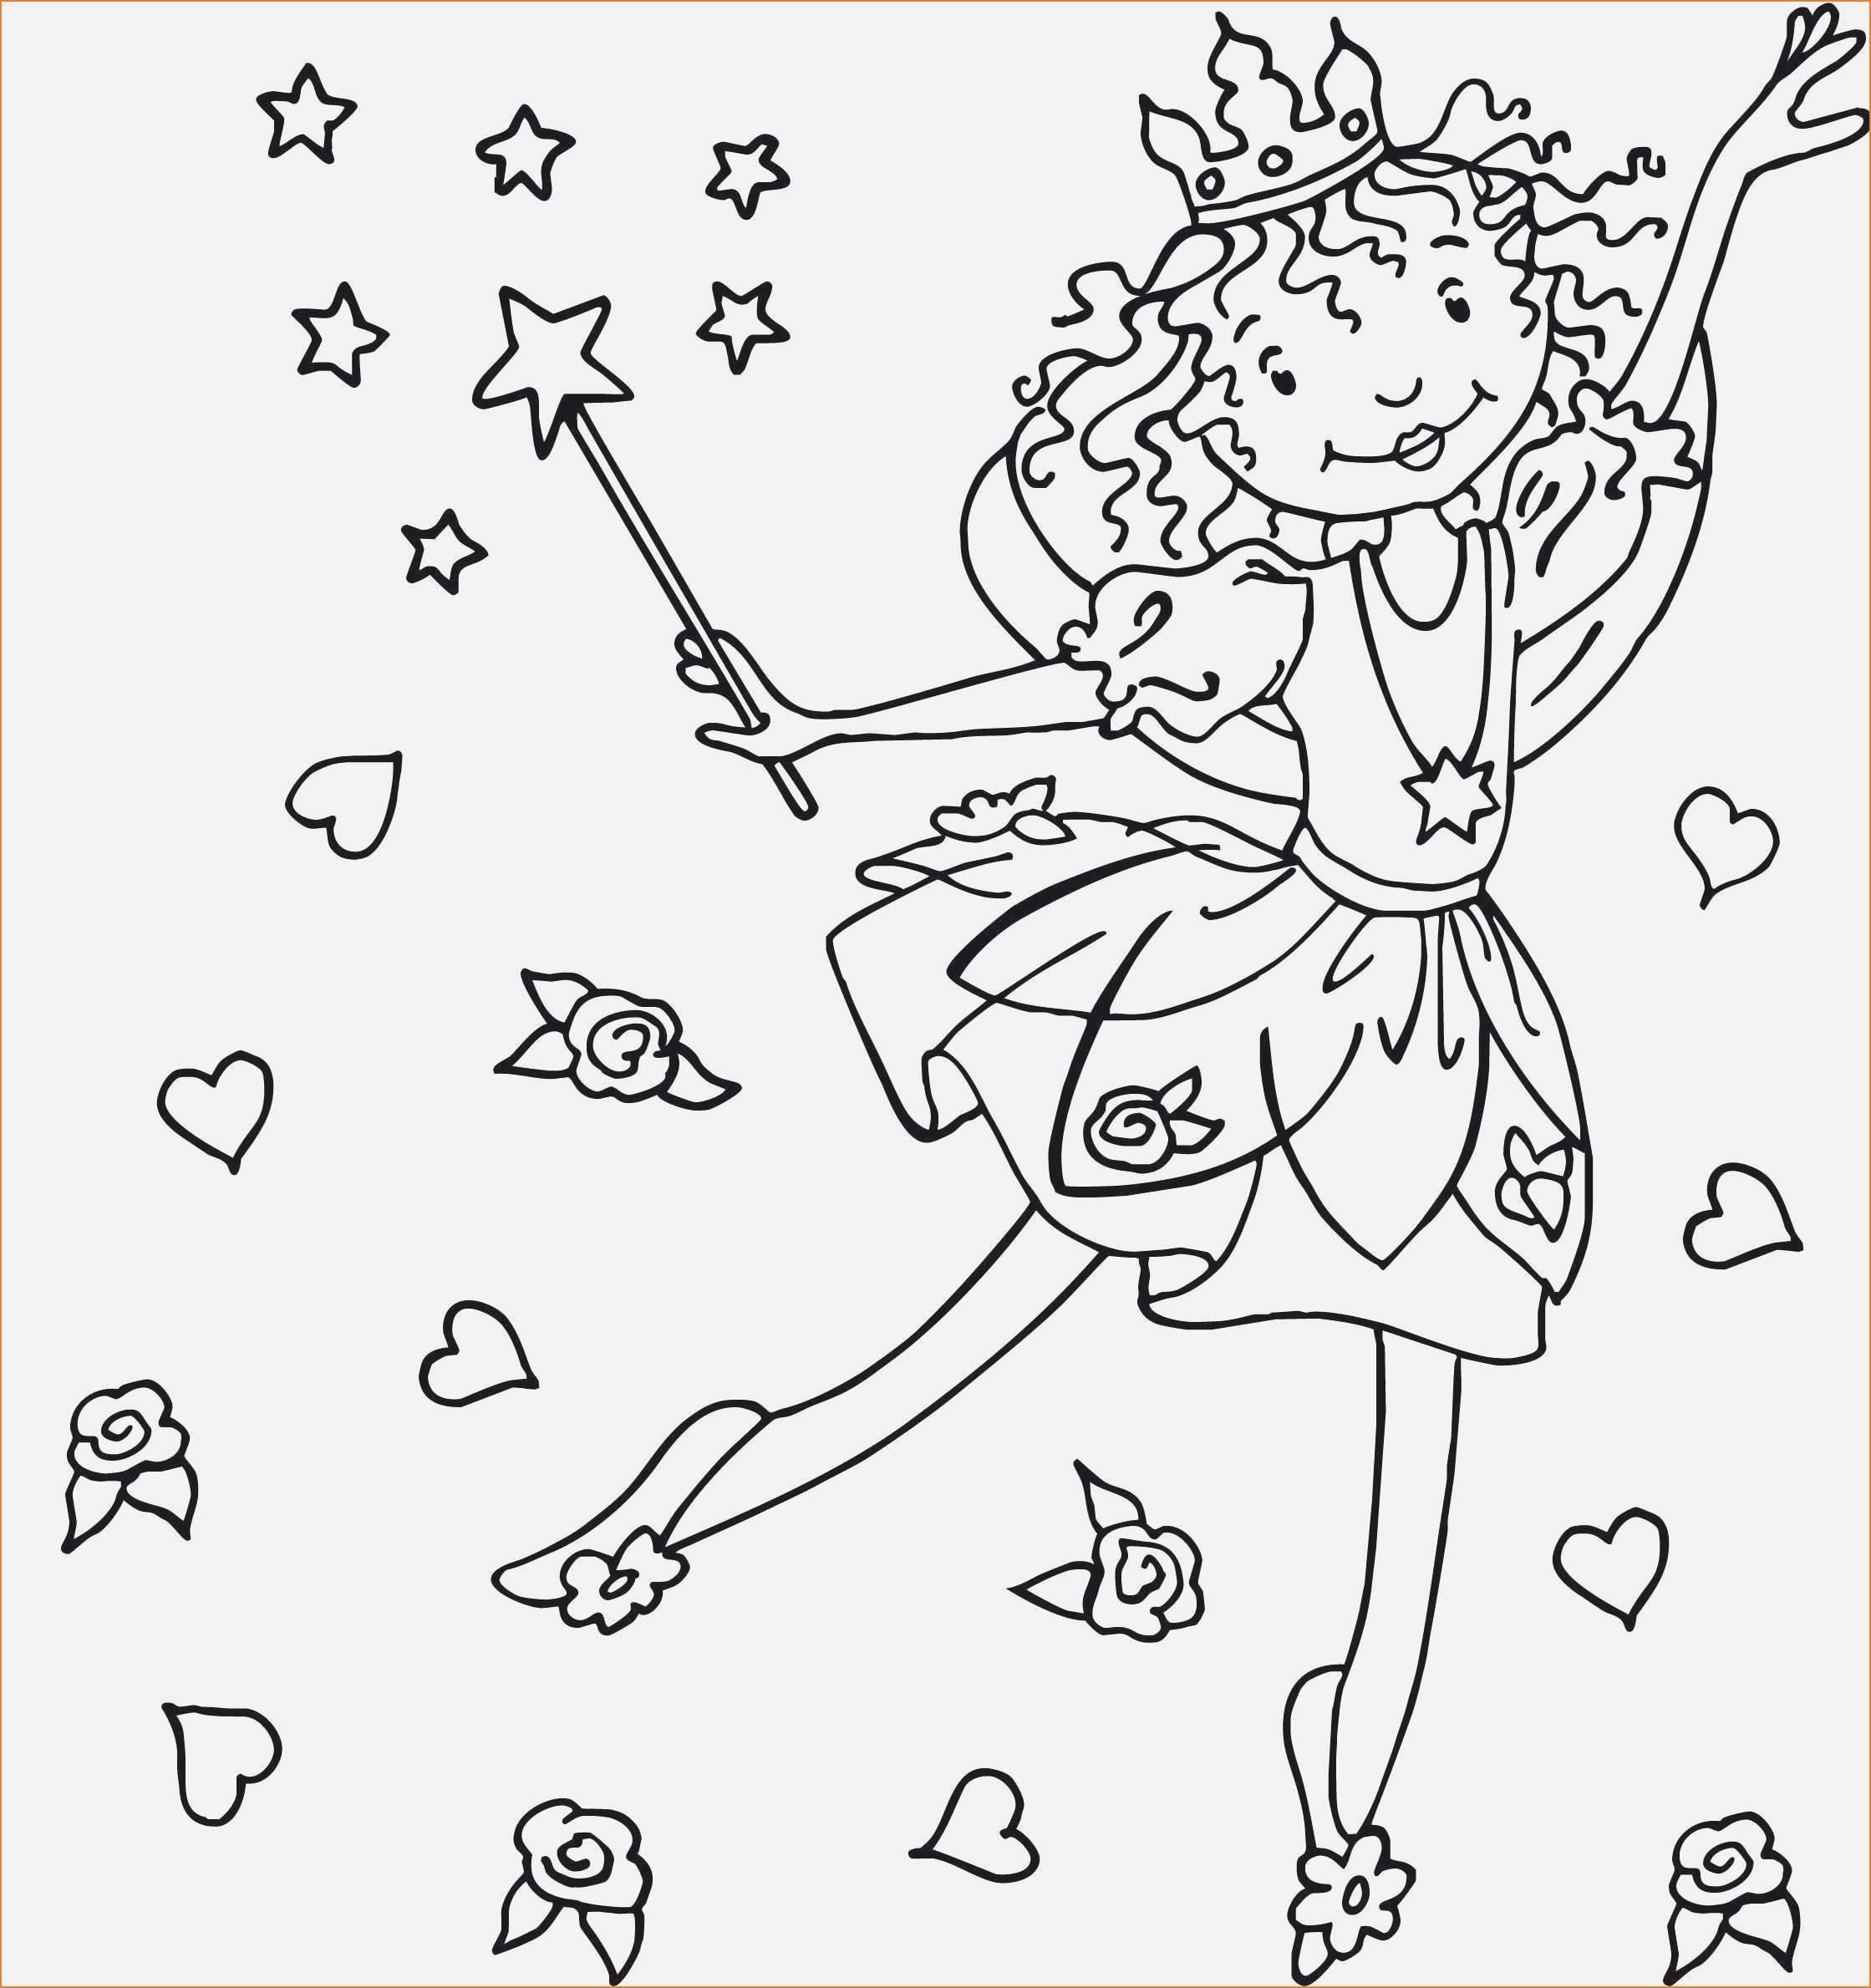 Prinzessin sofia Ausmalbilder Neu 25 Fantastisch Malvorlagen Gratis Prinzessin Lillifee Fotografieren